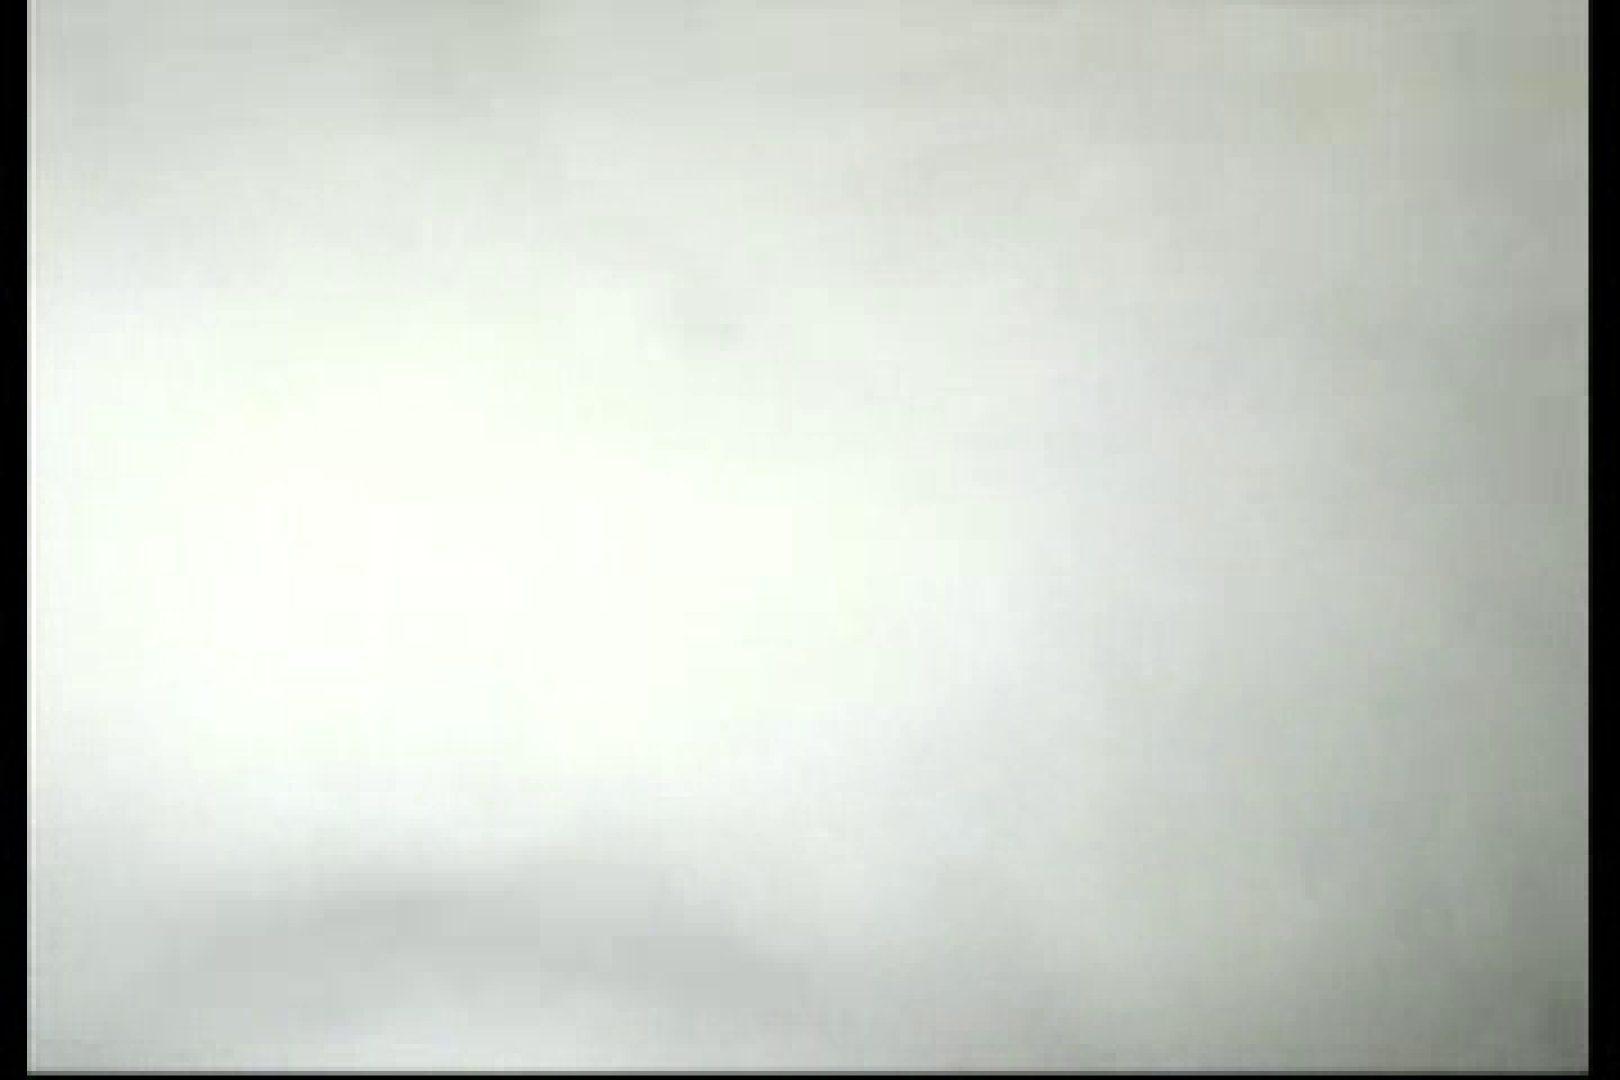 【流出ハメ撮】とにかく凄いぜ!!ケツまんFighters!! Vol.05 バック ゲイ丸見え画像 65枚 38